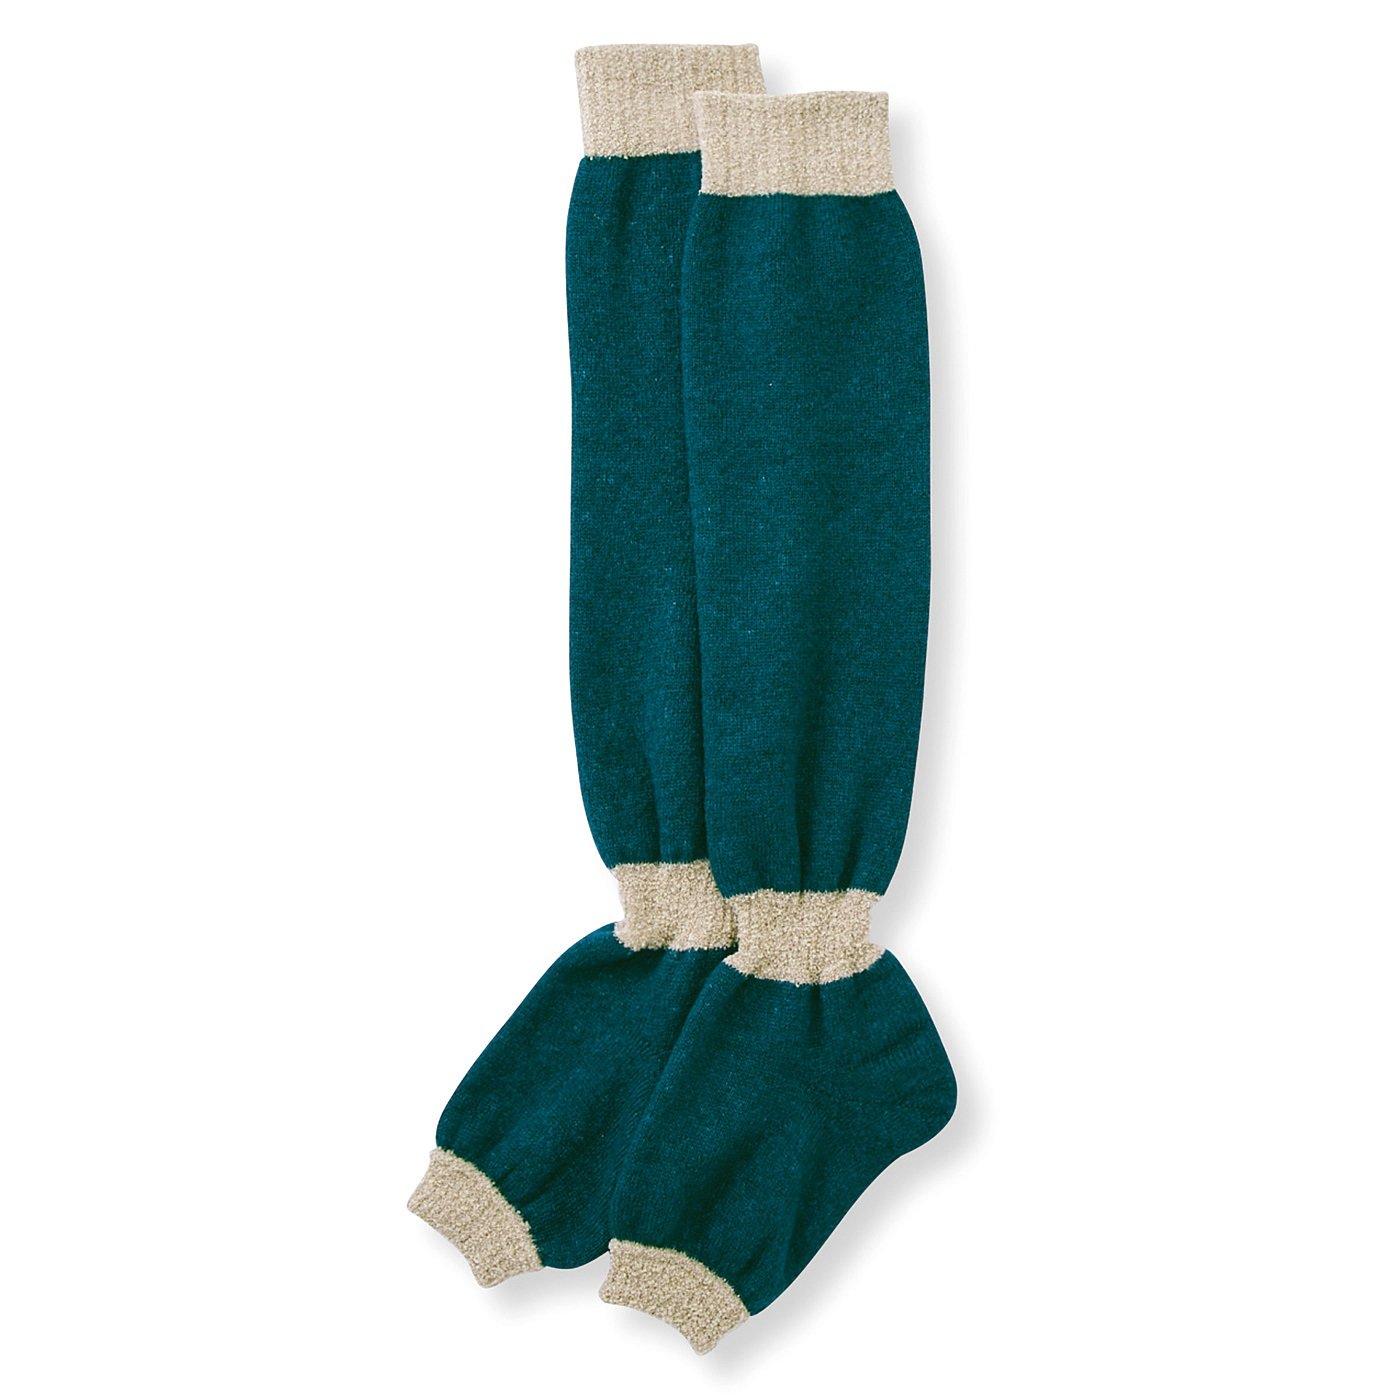 イエティサイズ! パジャマもすっぽりはけるあったかブランケット靴下